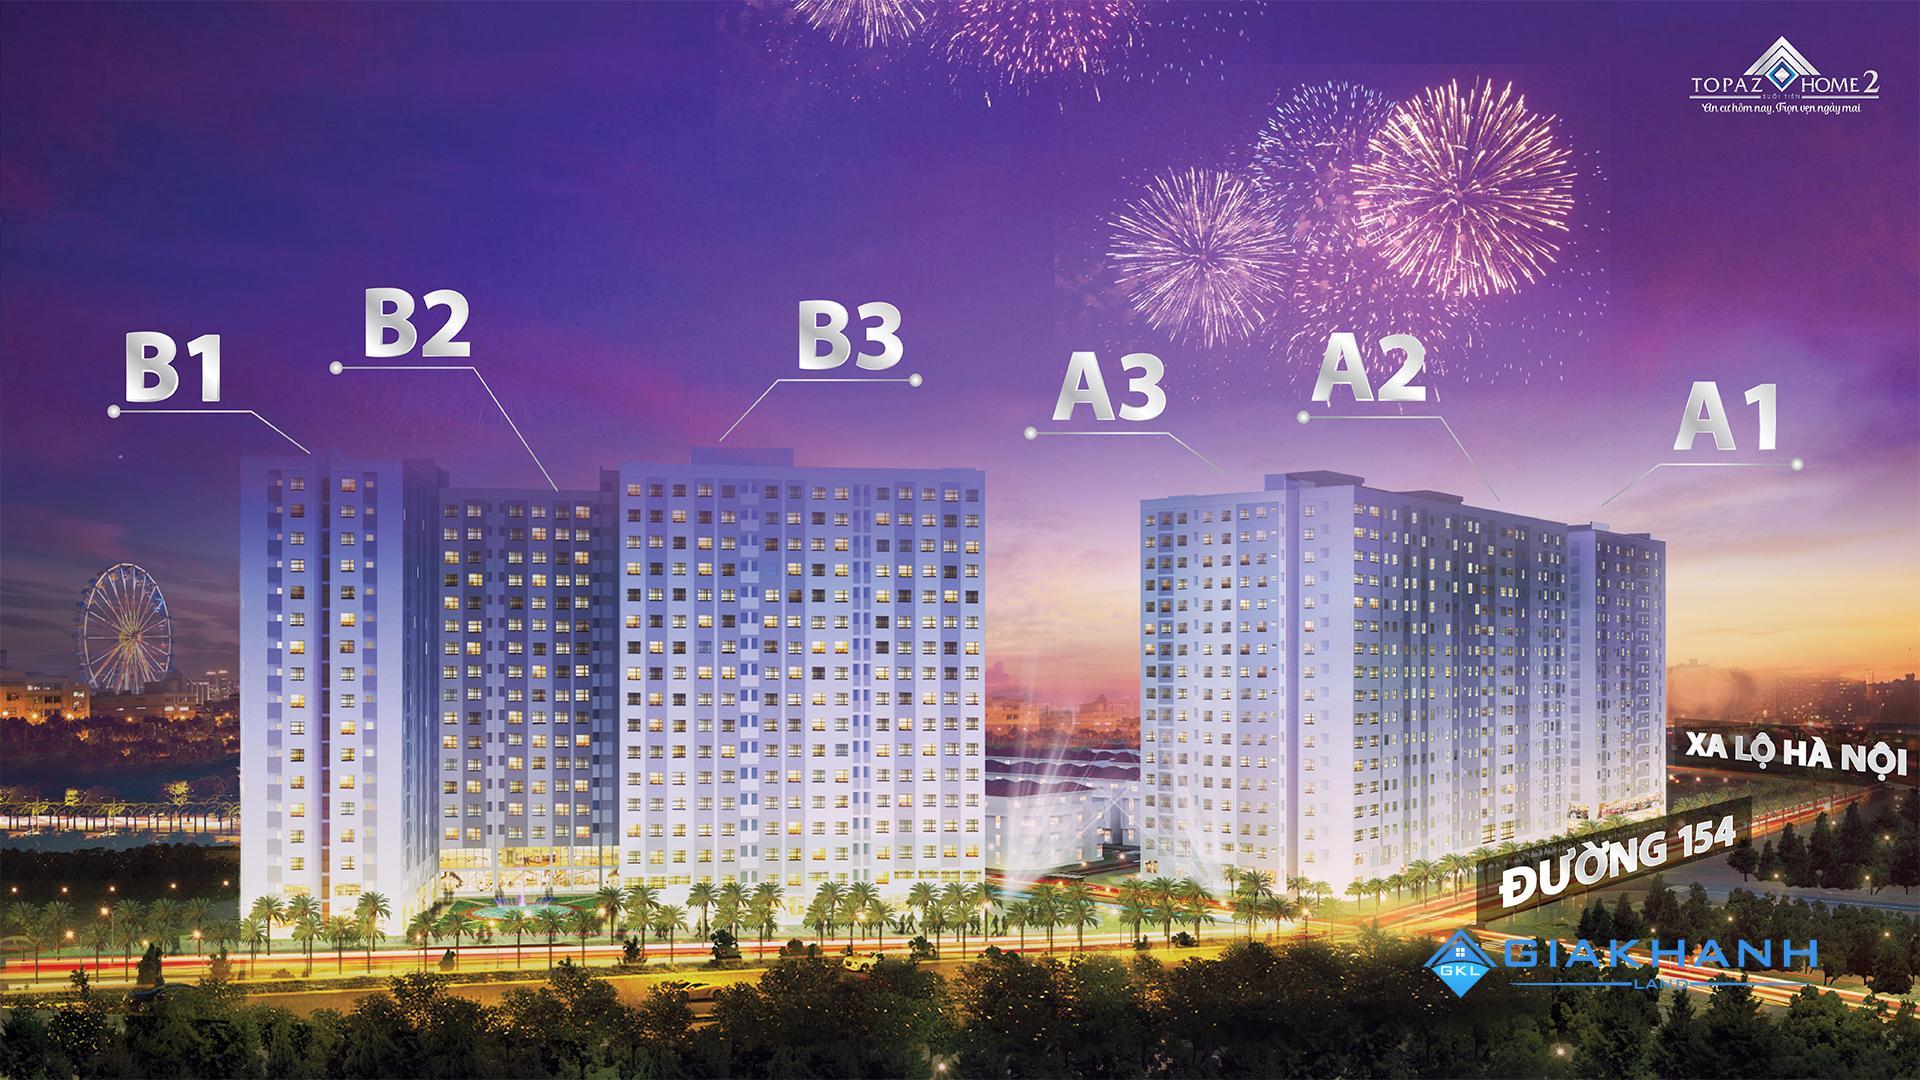 Cho thuê căn hộ chung cư Topaz Home 2